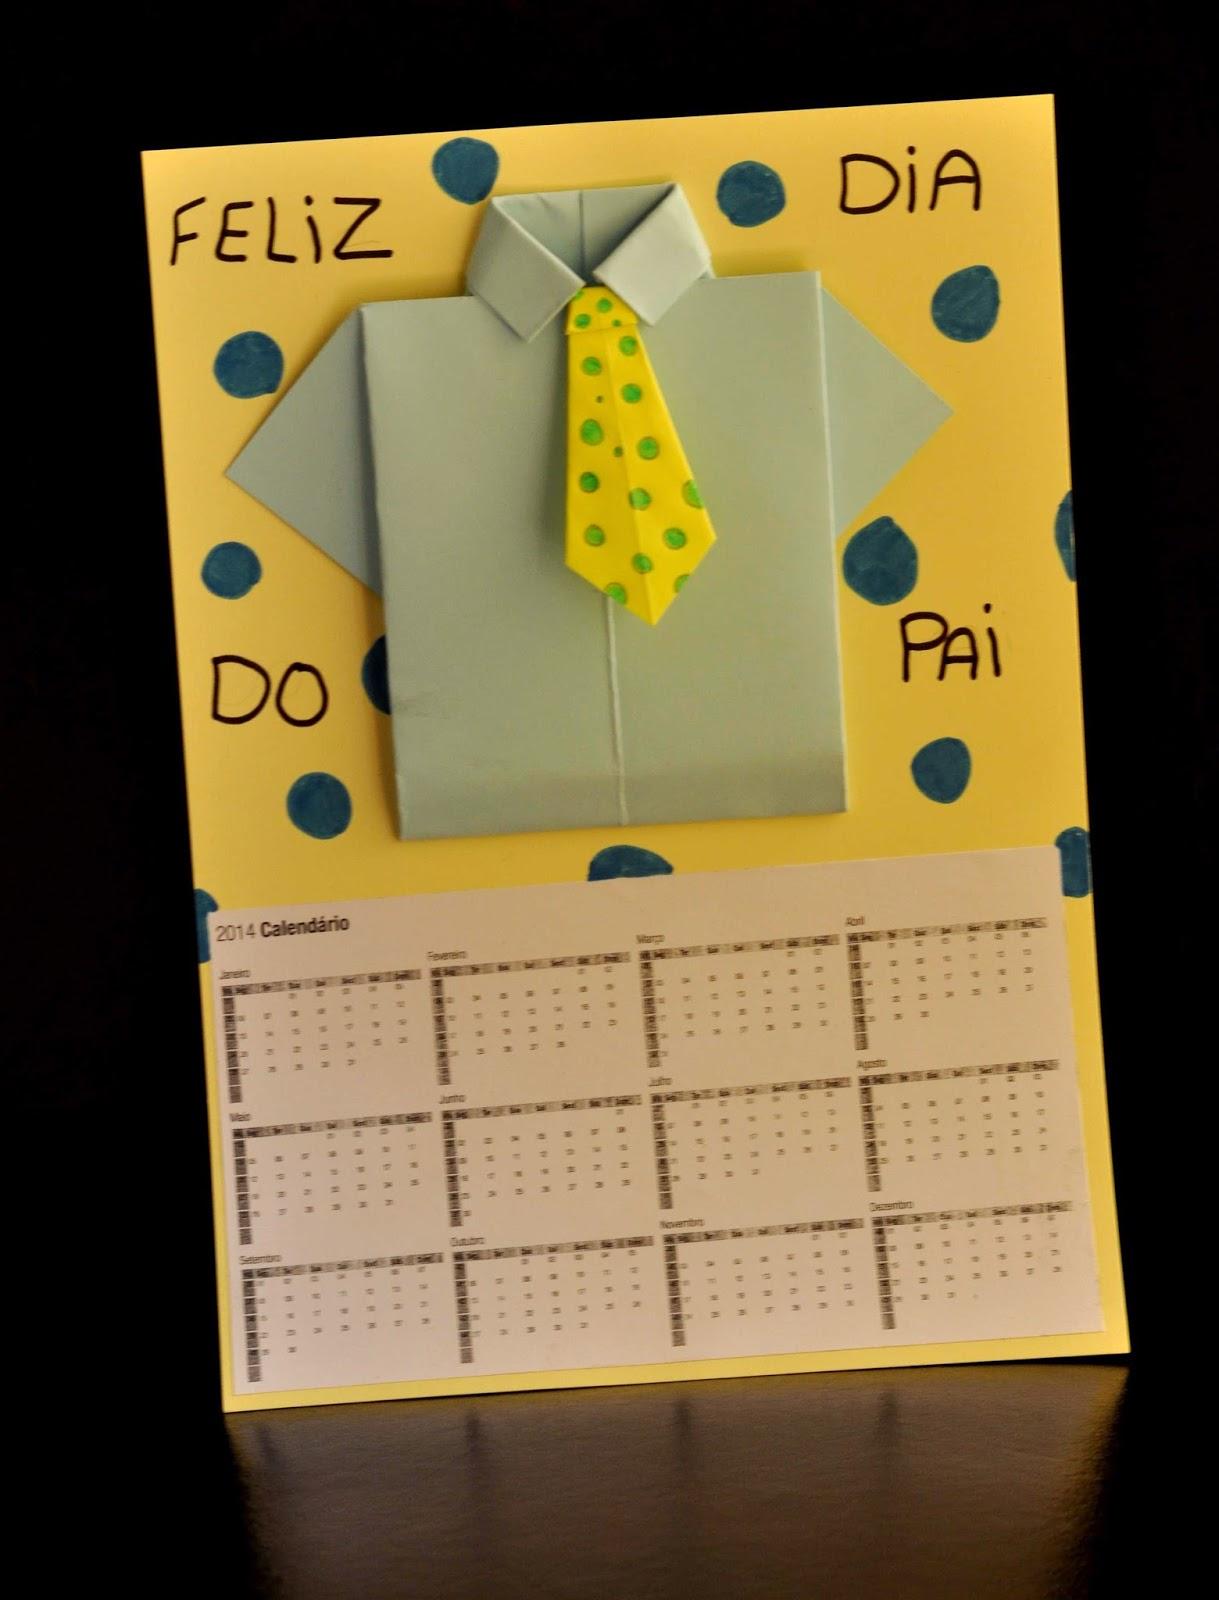 74d8976105320 Este Calendário - Origami - Gravata - Camisa para o pai é fabuloso! Vou ver  se aprendo também a fazer camisas e gravatas em papel